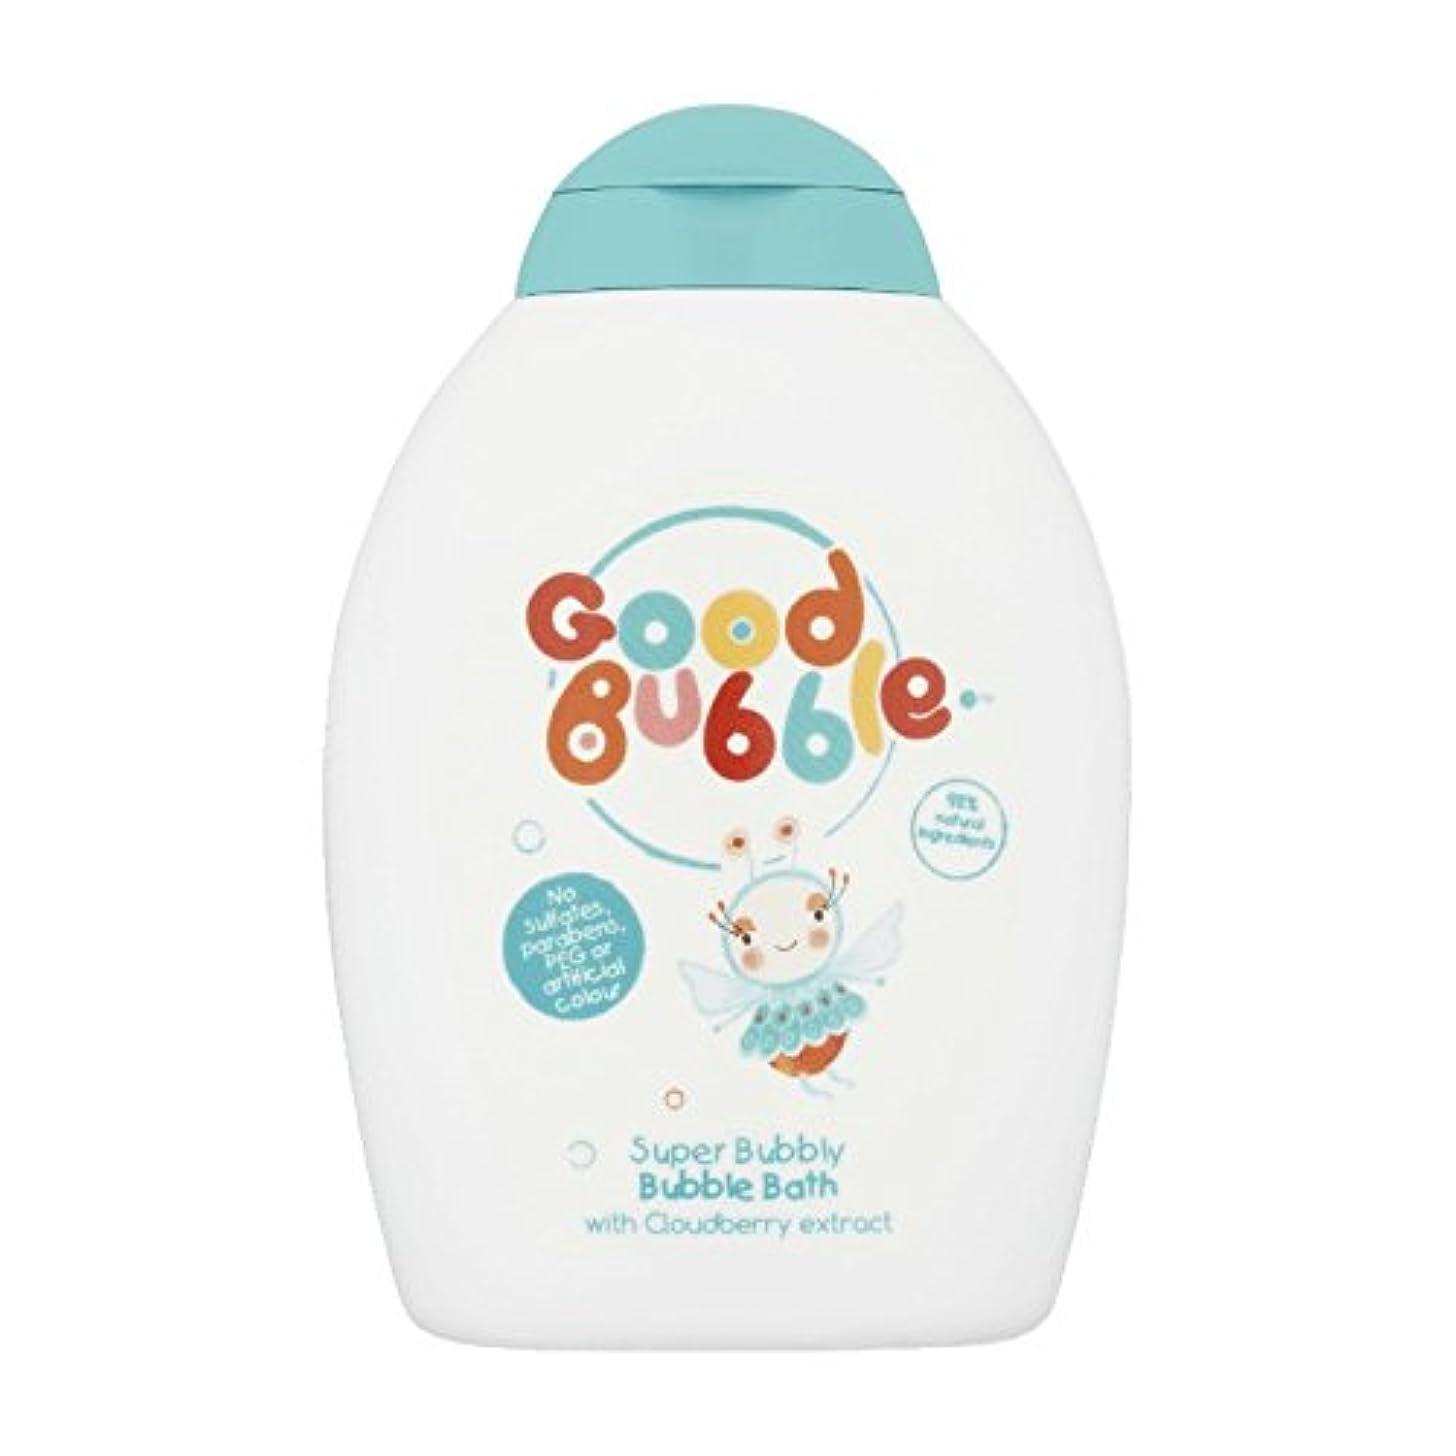 カカドゥ欠点監督する良いバブルクラウドベリーバブルバス400ミリリットル - Good Bubble Cloudberry Bubble Bath 400ml (Good Bubble) [並行輸入品]